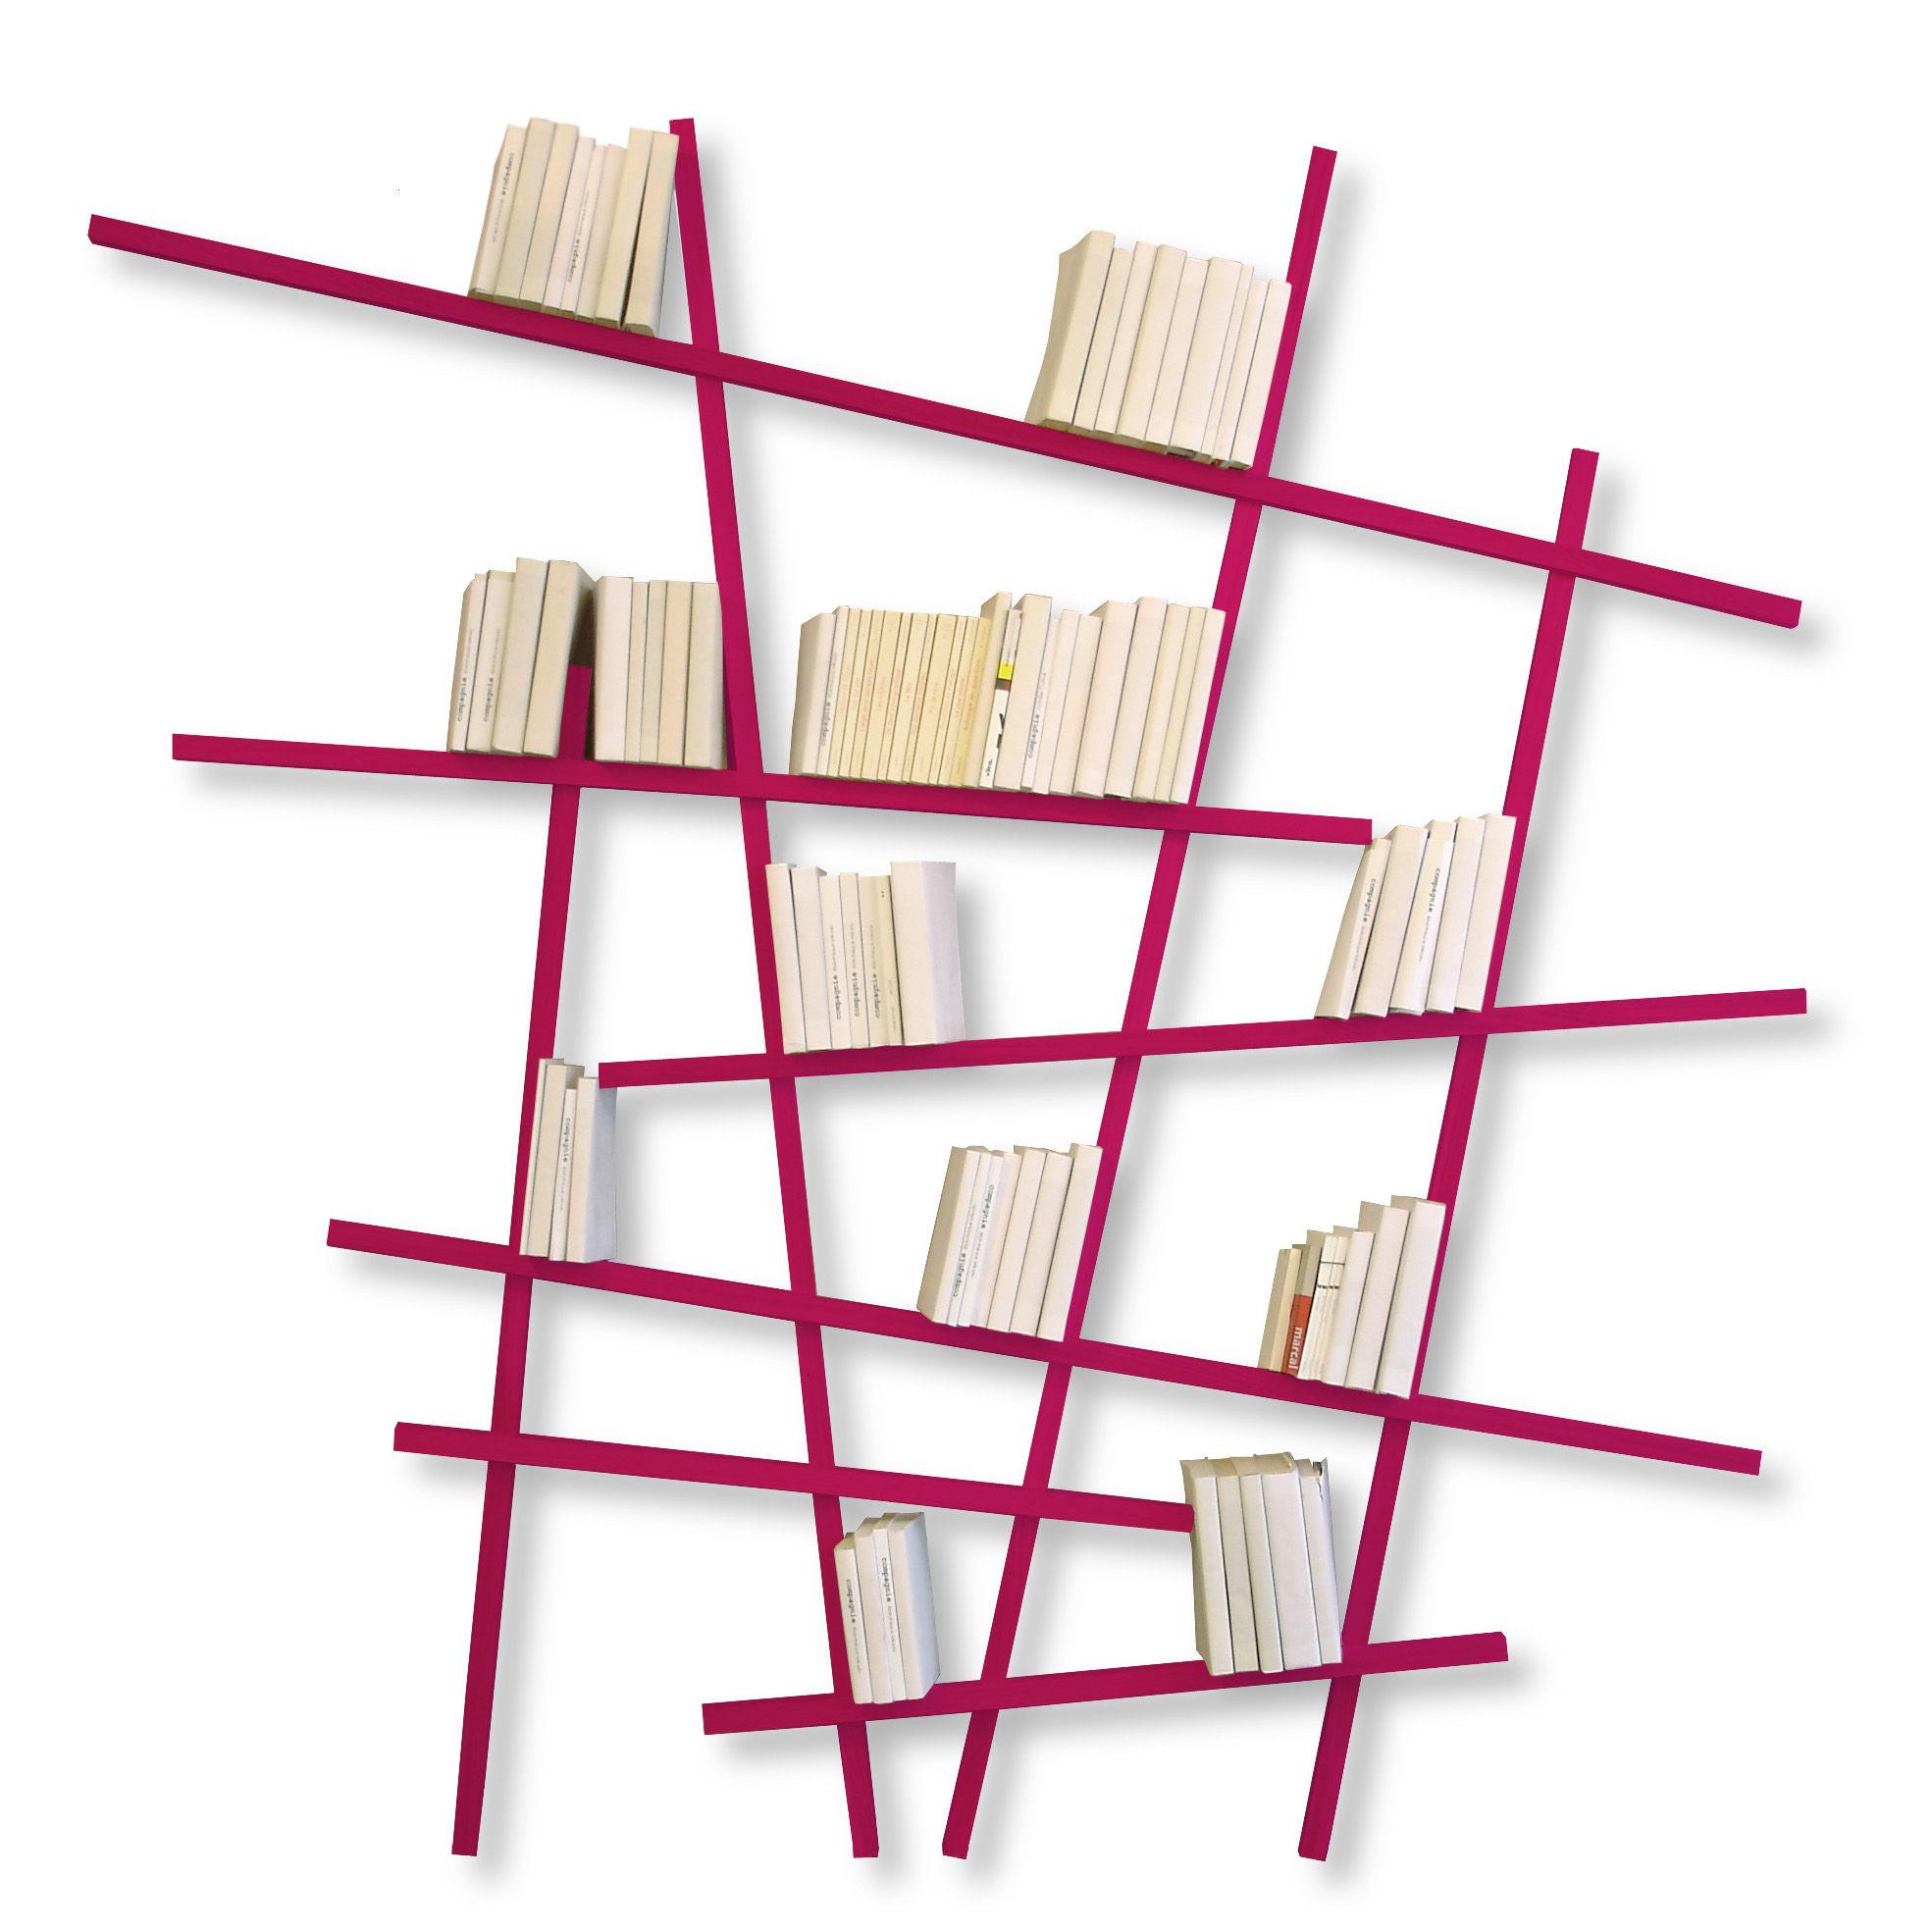 Möbel - Regale und Bücherregale - Mikado Large Bücherregal farbig - großes Modell - Compagnie - Pink - lackierte Buche